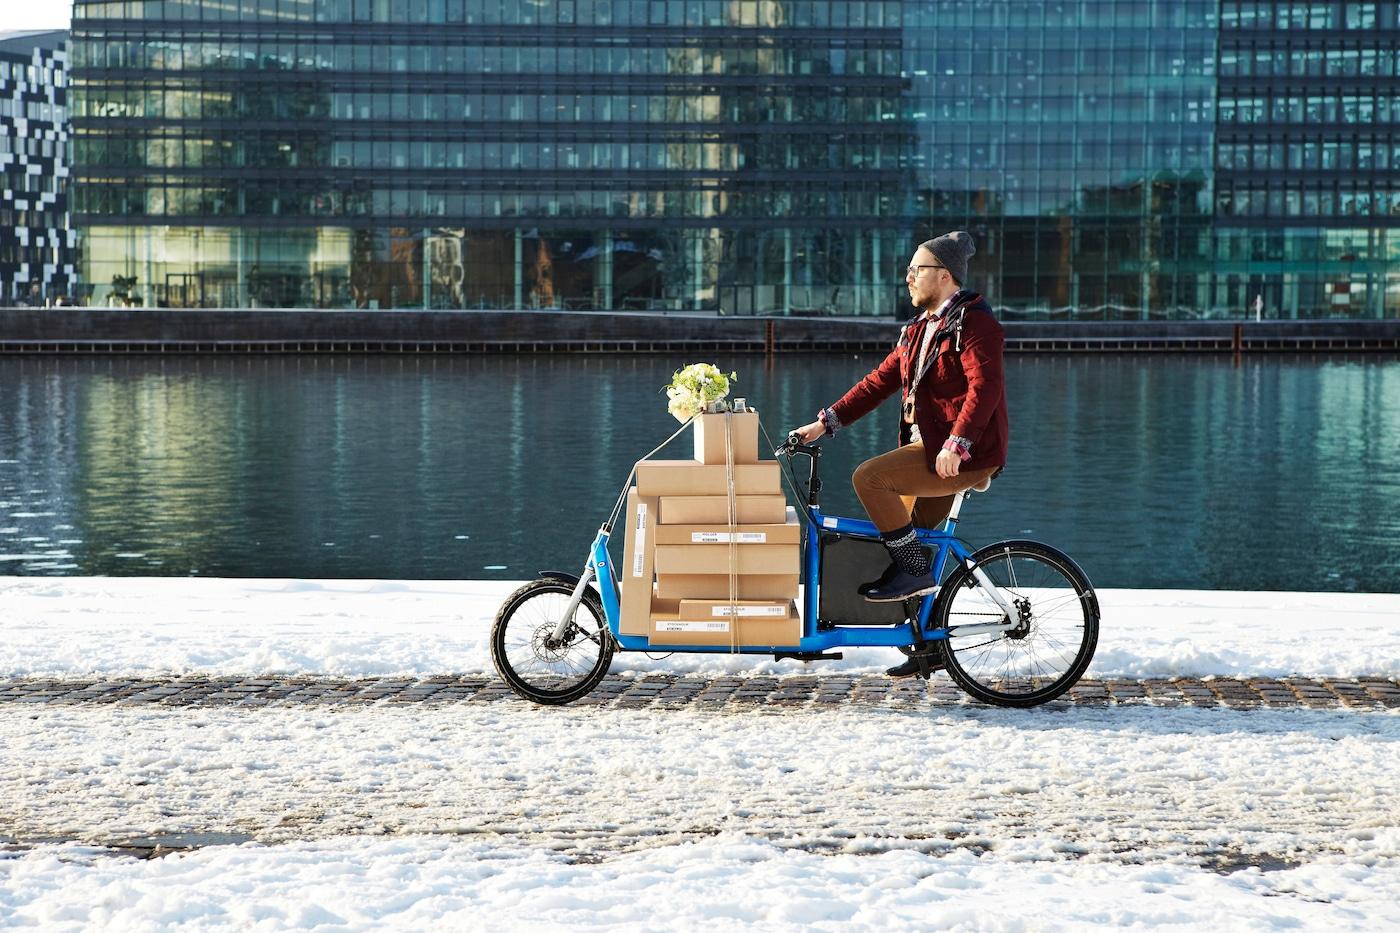 Hombre abrigado andando en bicicleta, llevando sus cajas de empaque plano de IKEA. Va por una calle con nieve y al lado de un sector con agua y edificios.